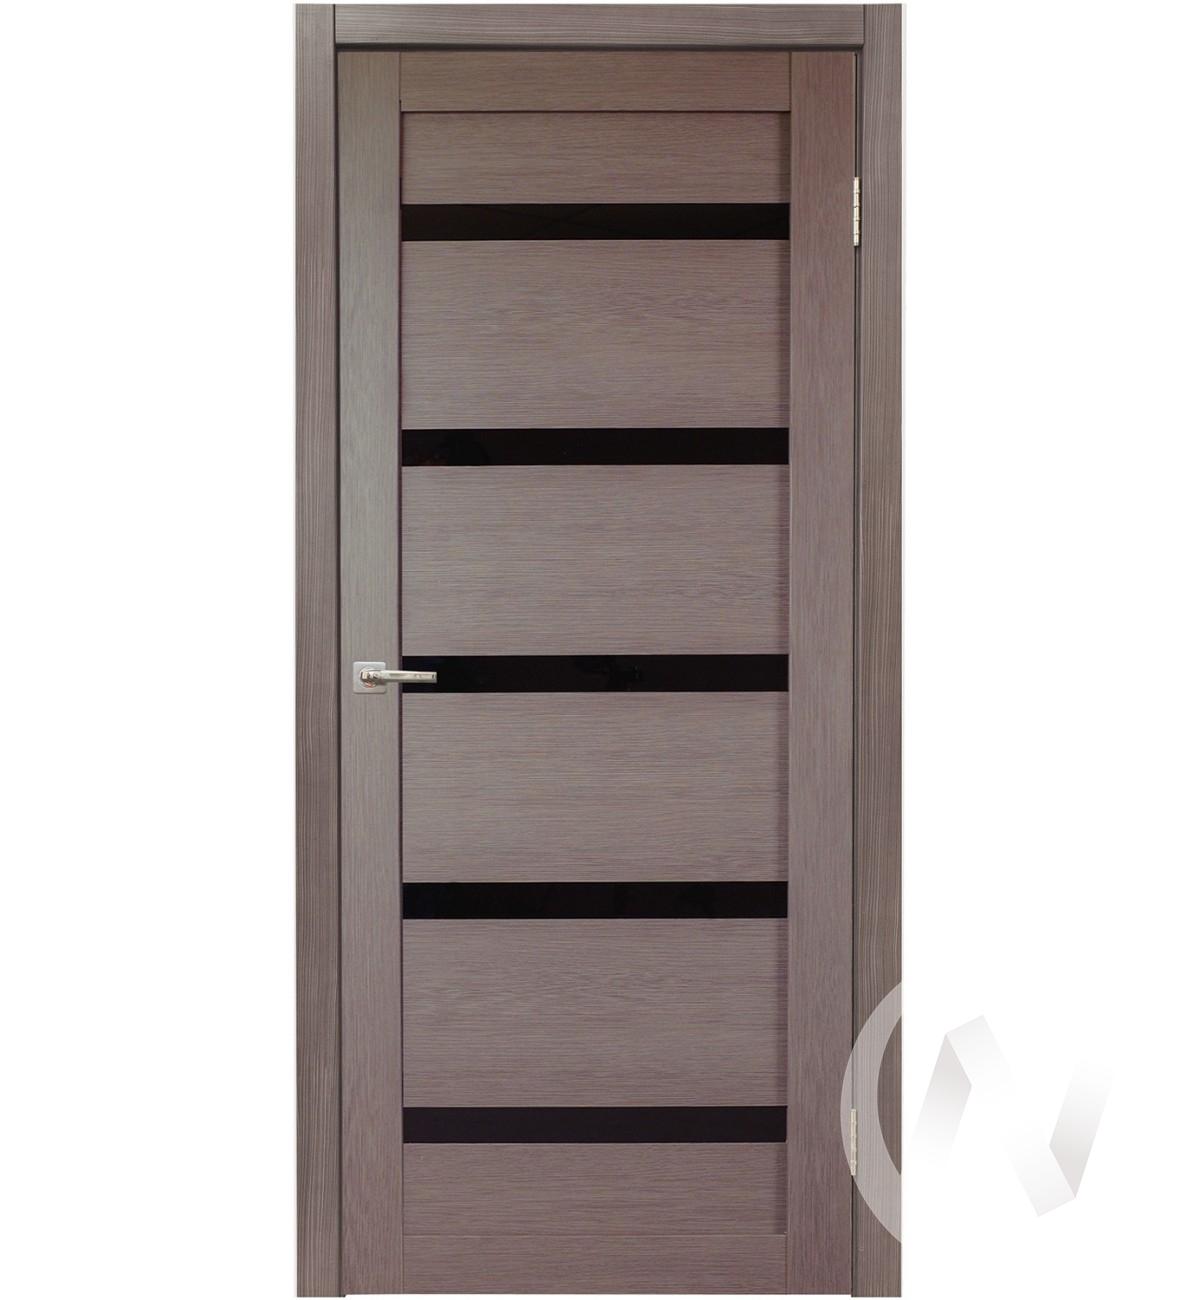 Дверь царговая серия Стиль-5, 60, ост, дуб серый, стекло черное